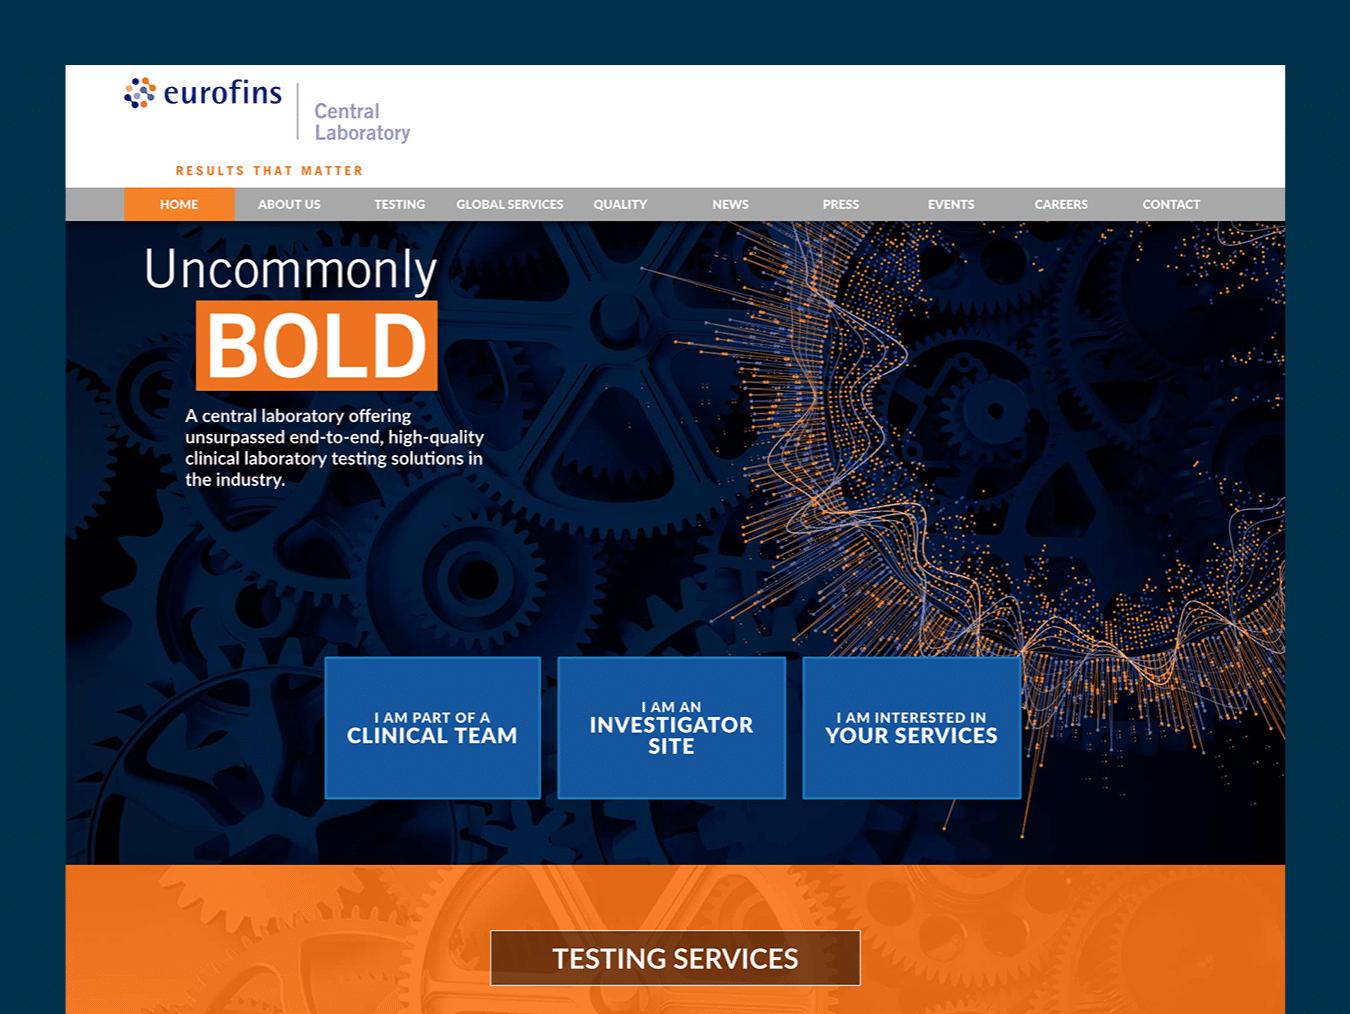 Science Web Design – Eurofins Central Laboratory (Thumbnail Design)